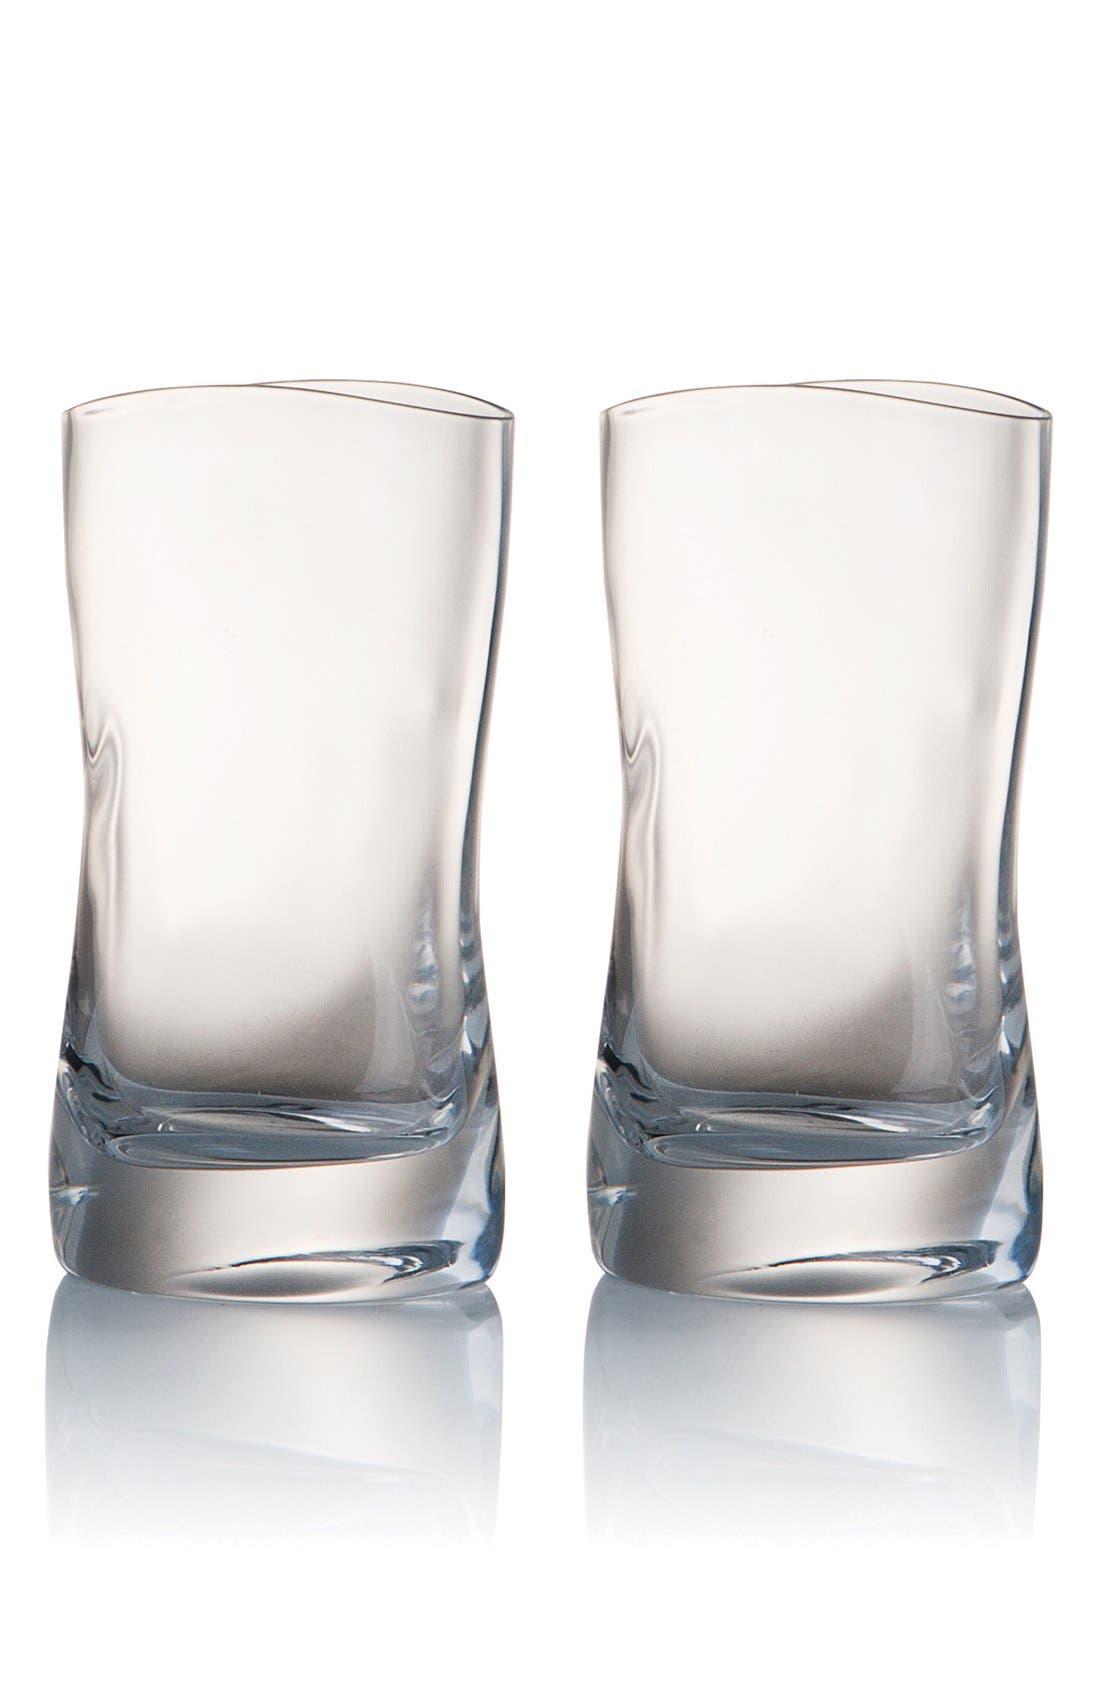 Alternate Image 1 Selected - Nambé 'River' Highball Glasses (Set of 2)